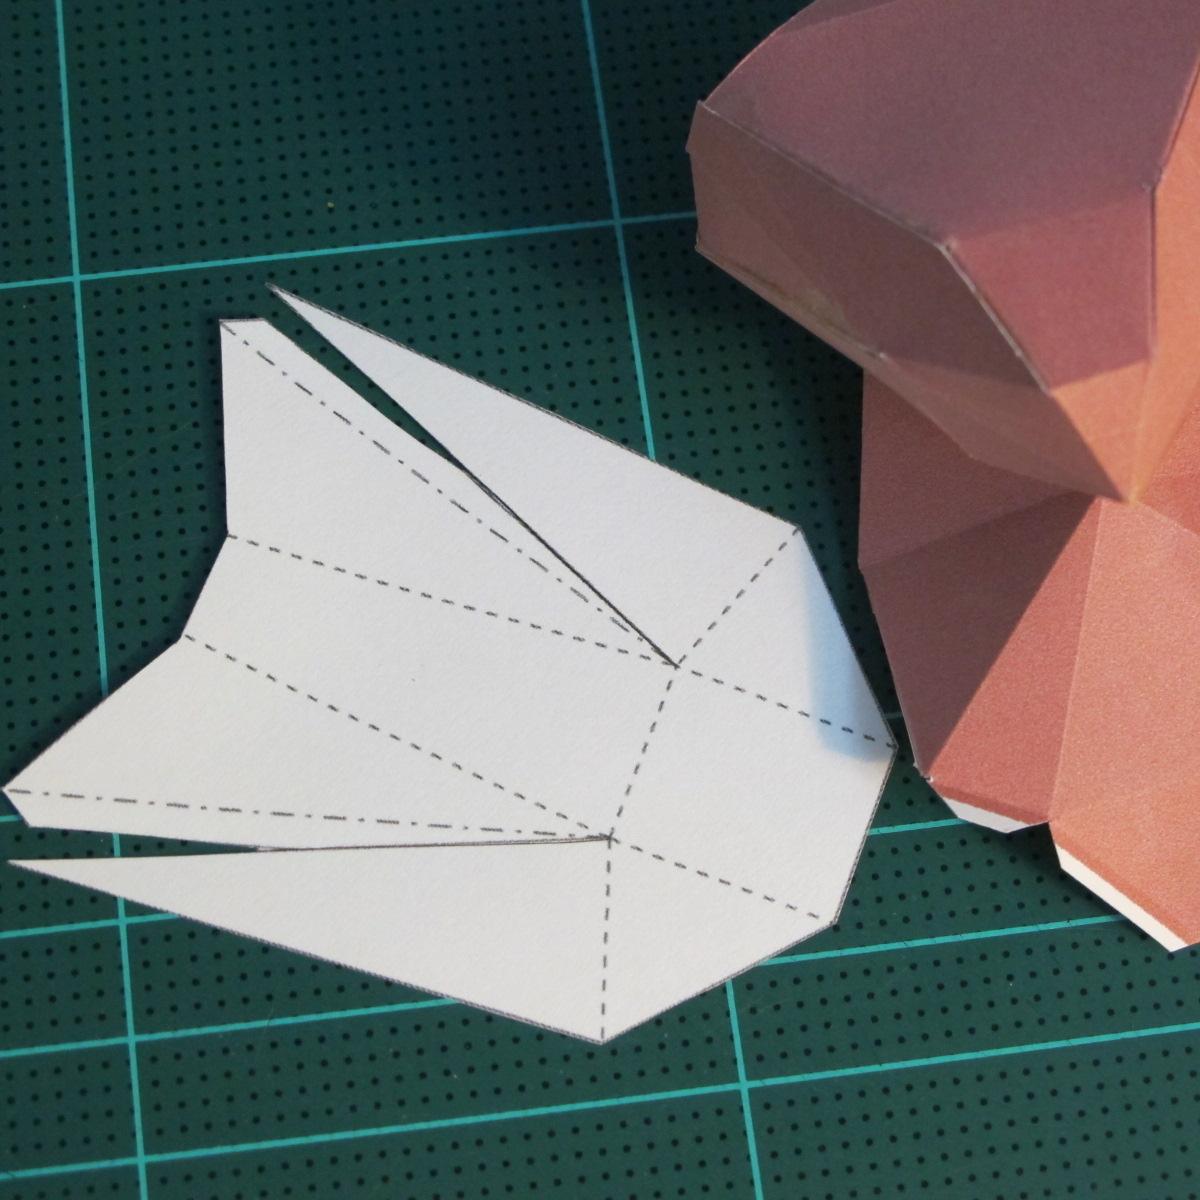 วิธีทำโมเดลกระดาษเรขาคณิตรูปกระต่าย (Rabbit Geometric Papercraft Model) 016